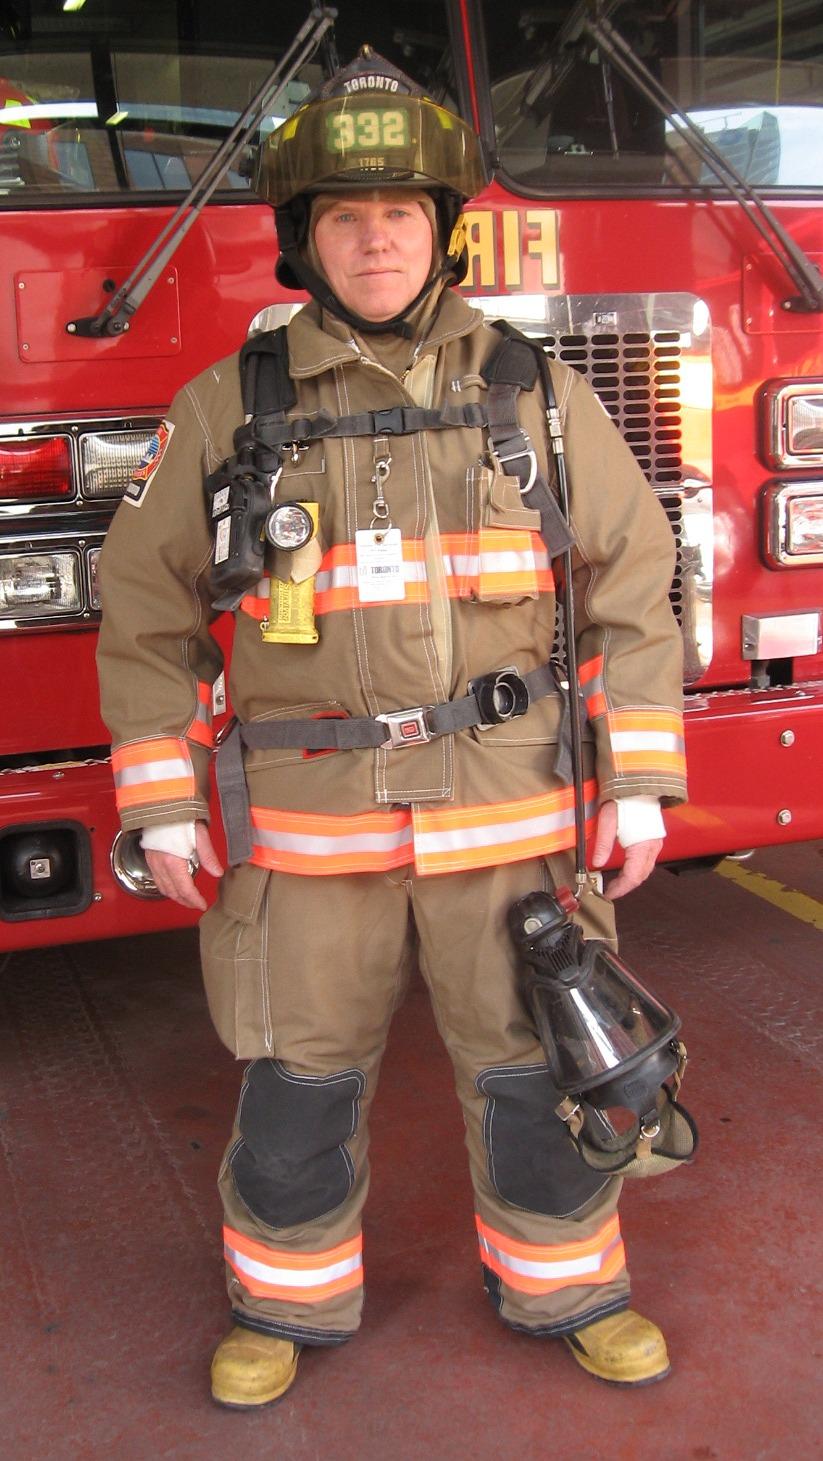 medium resolution of morgan in full firefighting gear